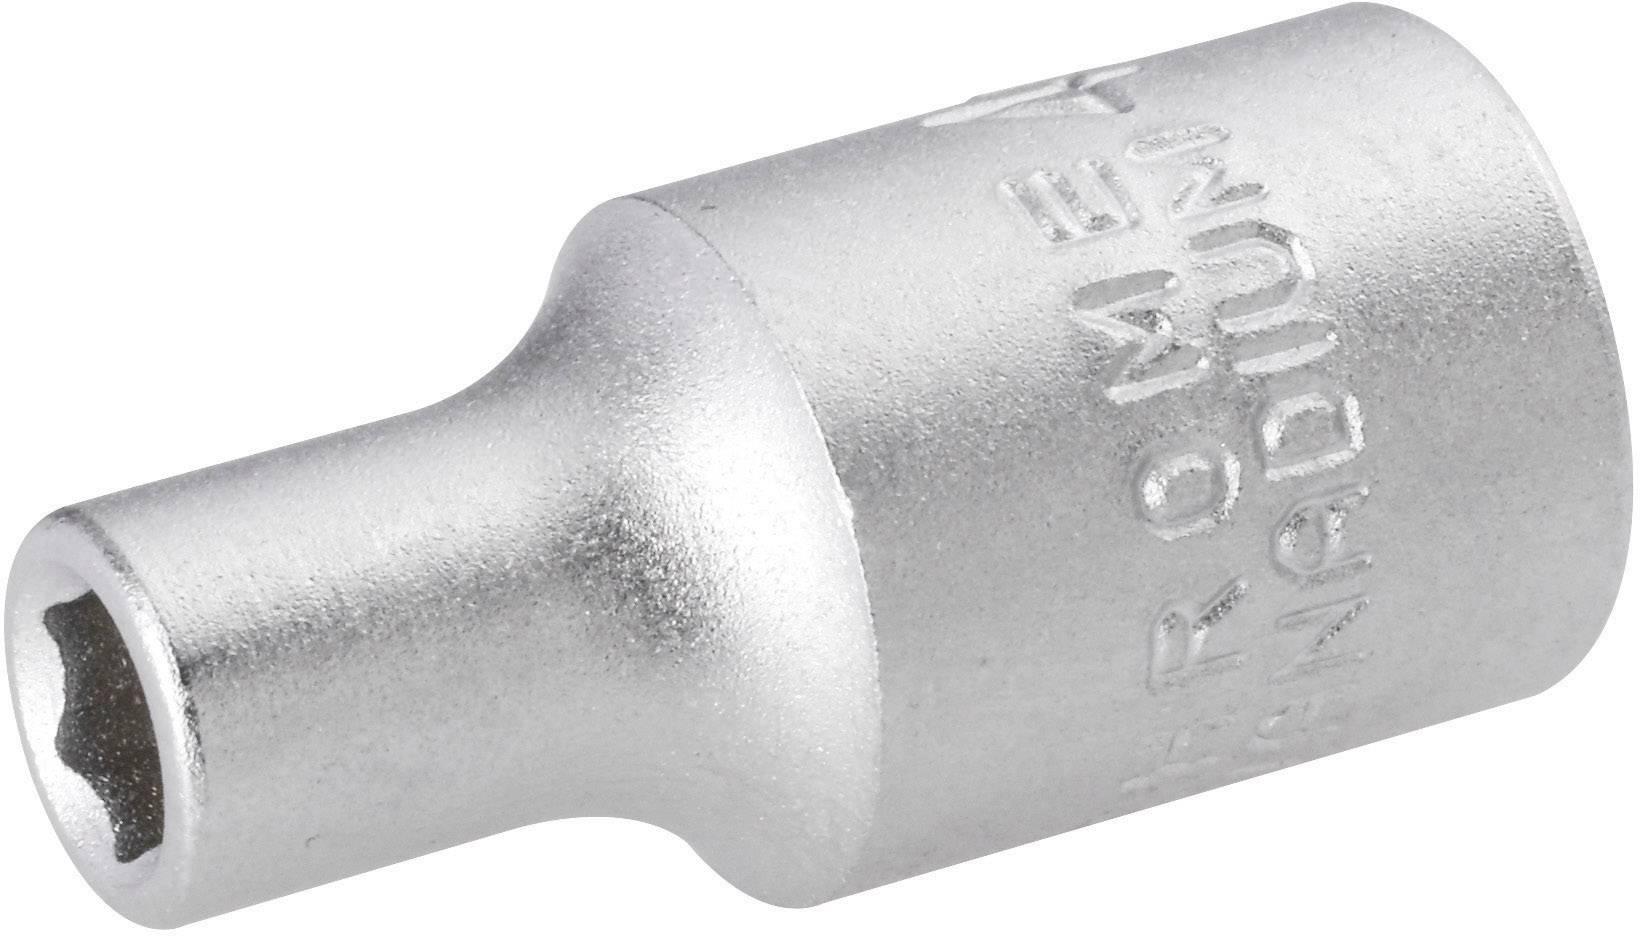 """Nástavec pro ráčnu TOOLCRAFT 820746, vnější šestihran, 1/4"""" (6,3 mm), 7 mm, chrom-vanadová ocel"""